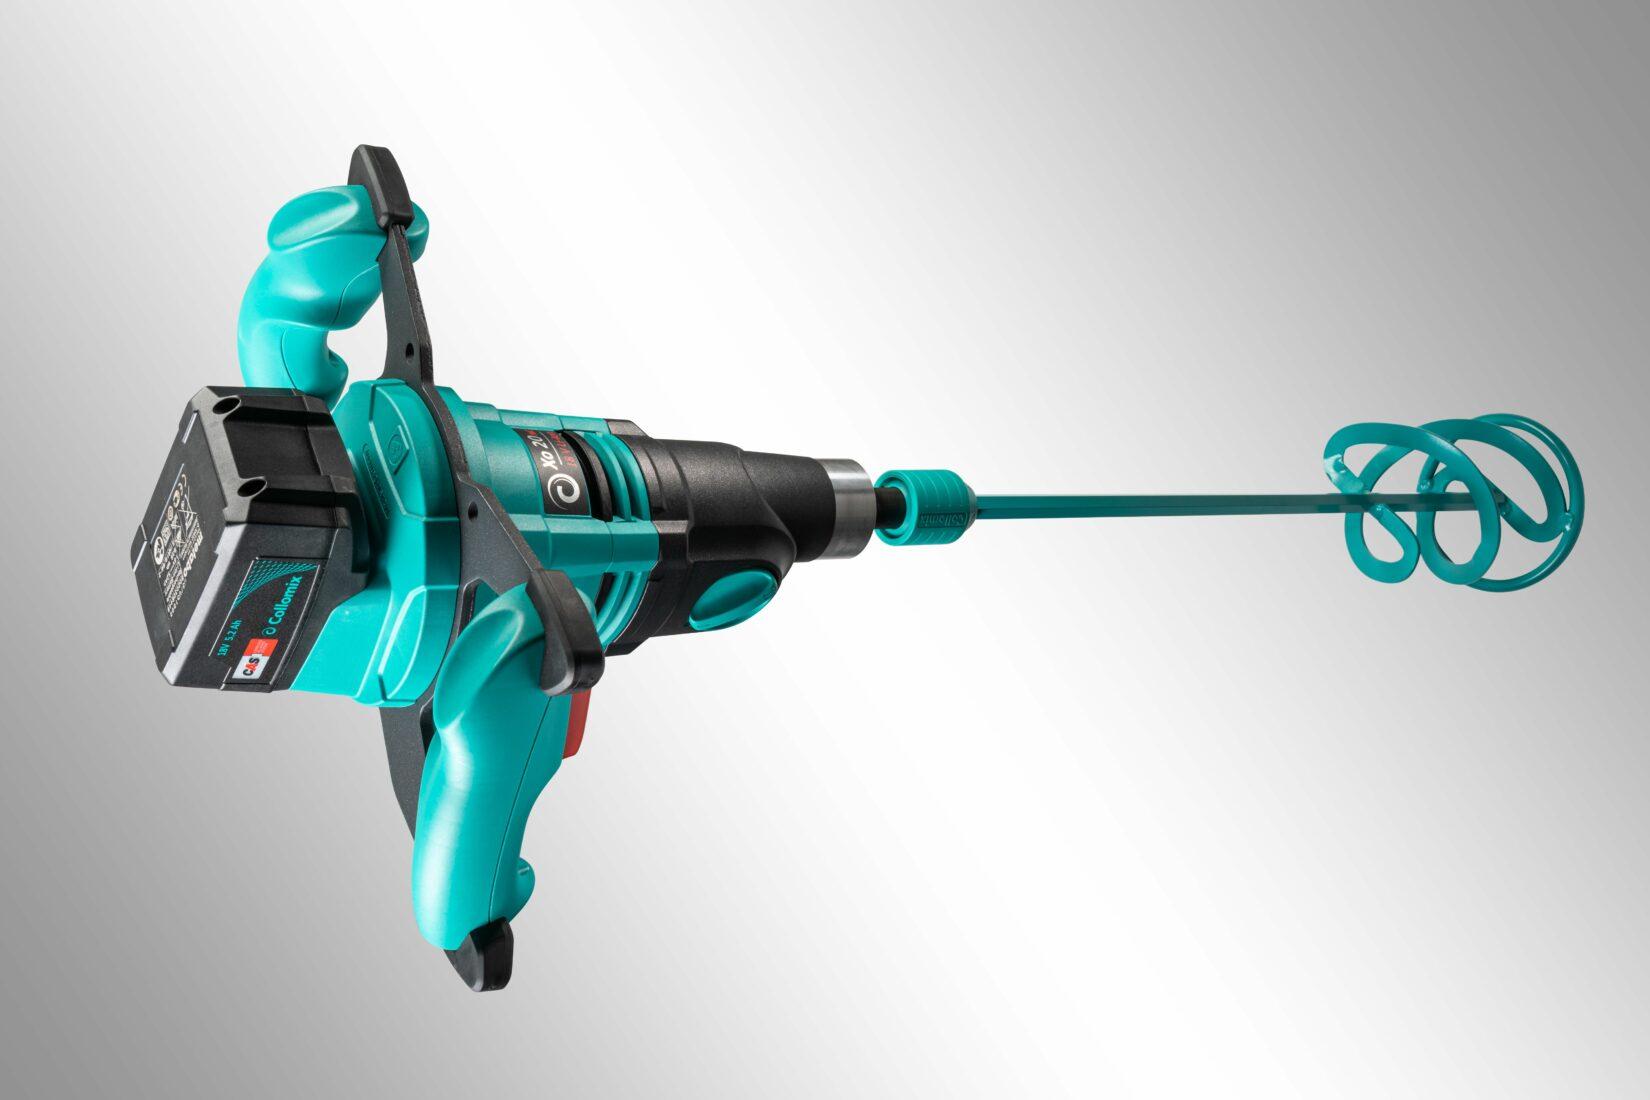 Das neue Akku-Rührgerät ist dank Zwei-Gang-Präzisionsgetriebe noch kraftvoller. Fotos: Collomix